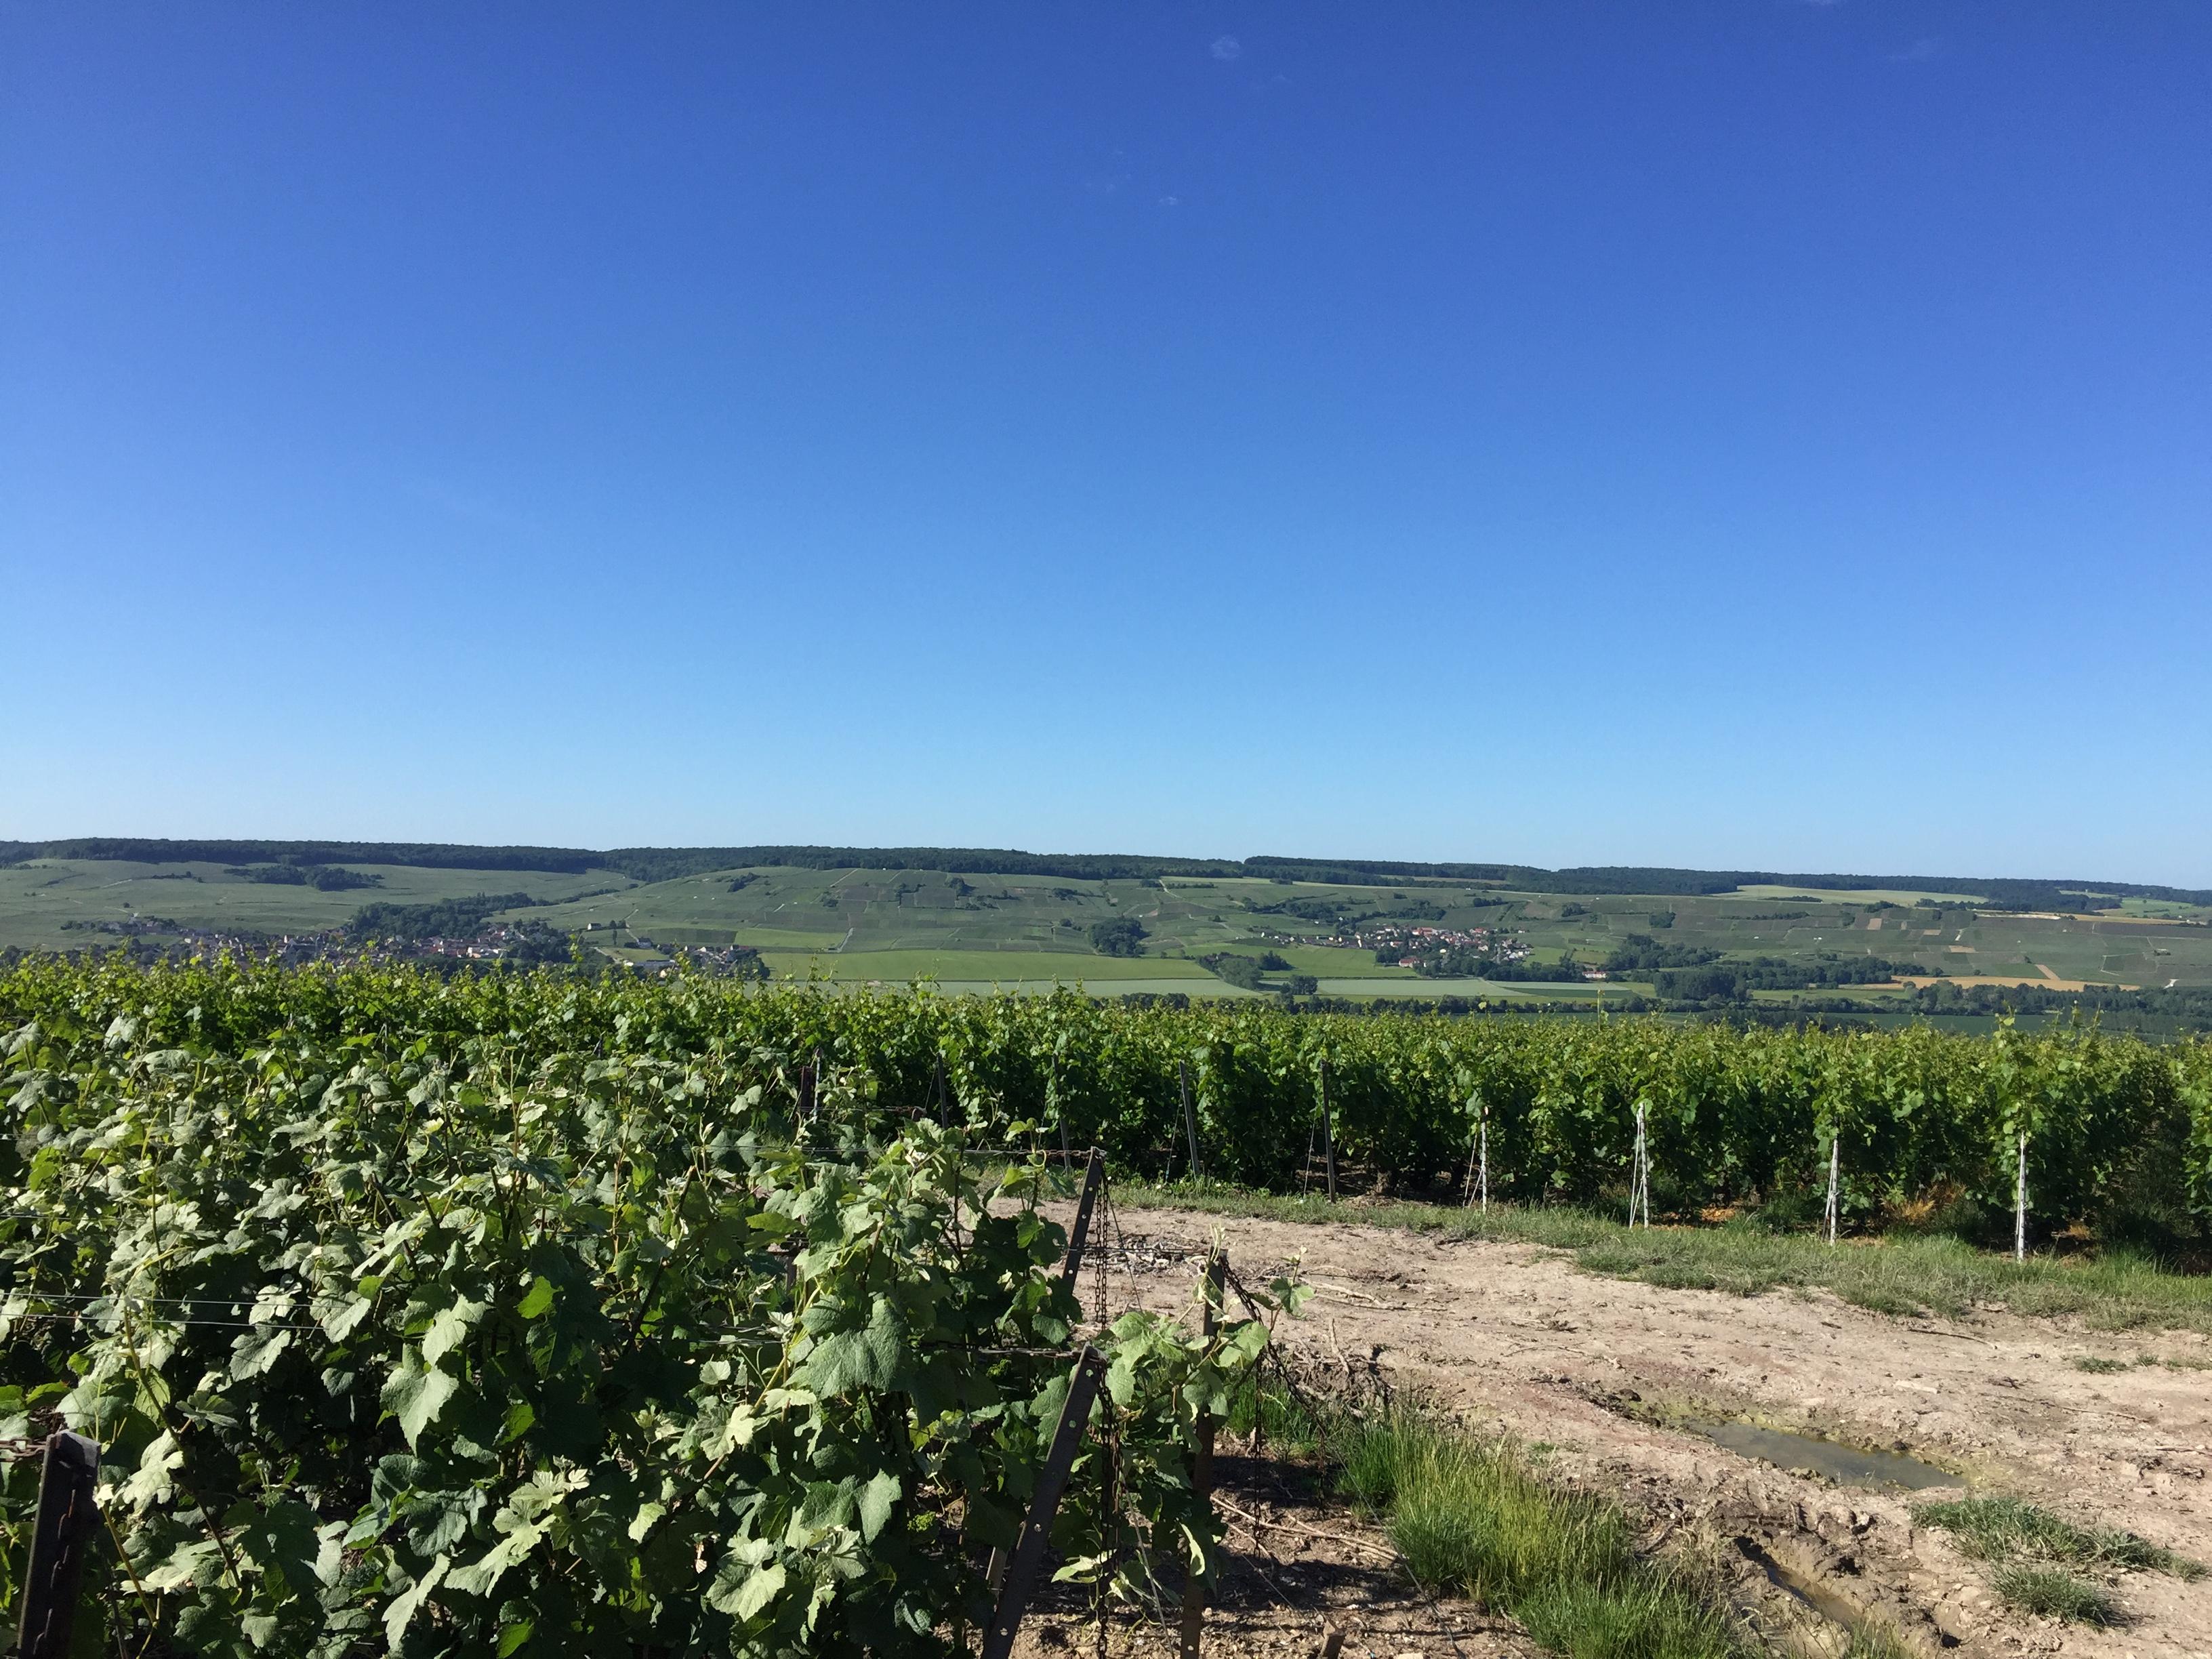 Vue sur Troissy/Bouquigny